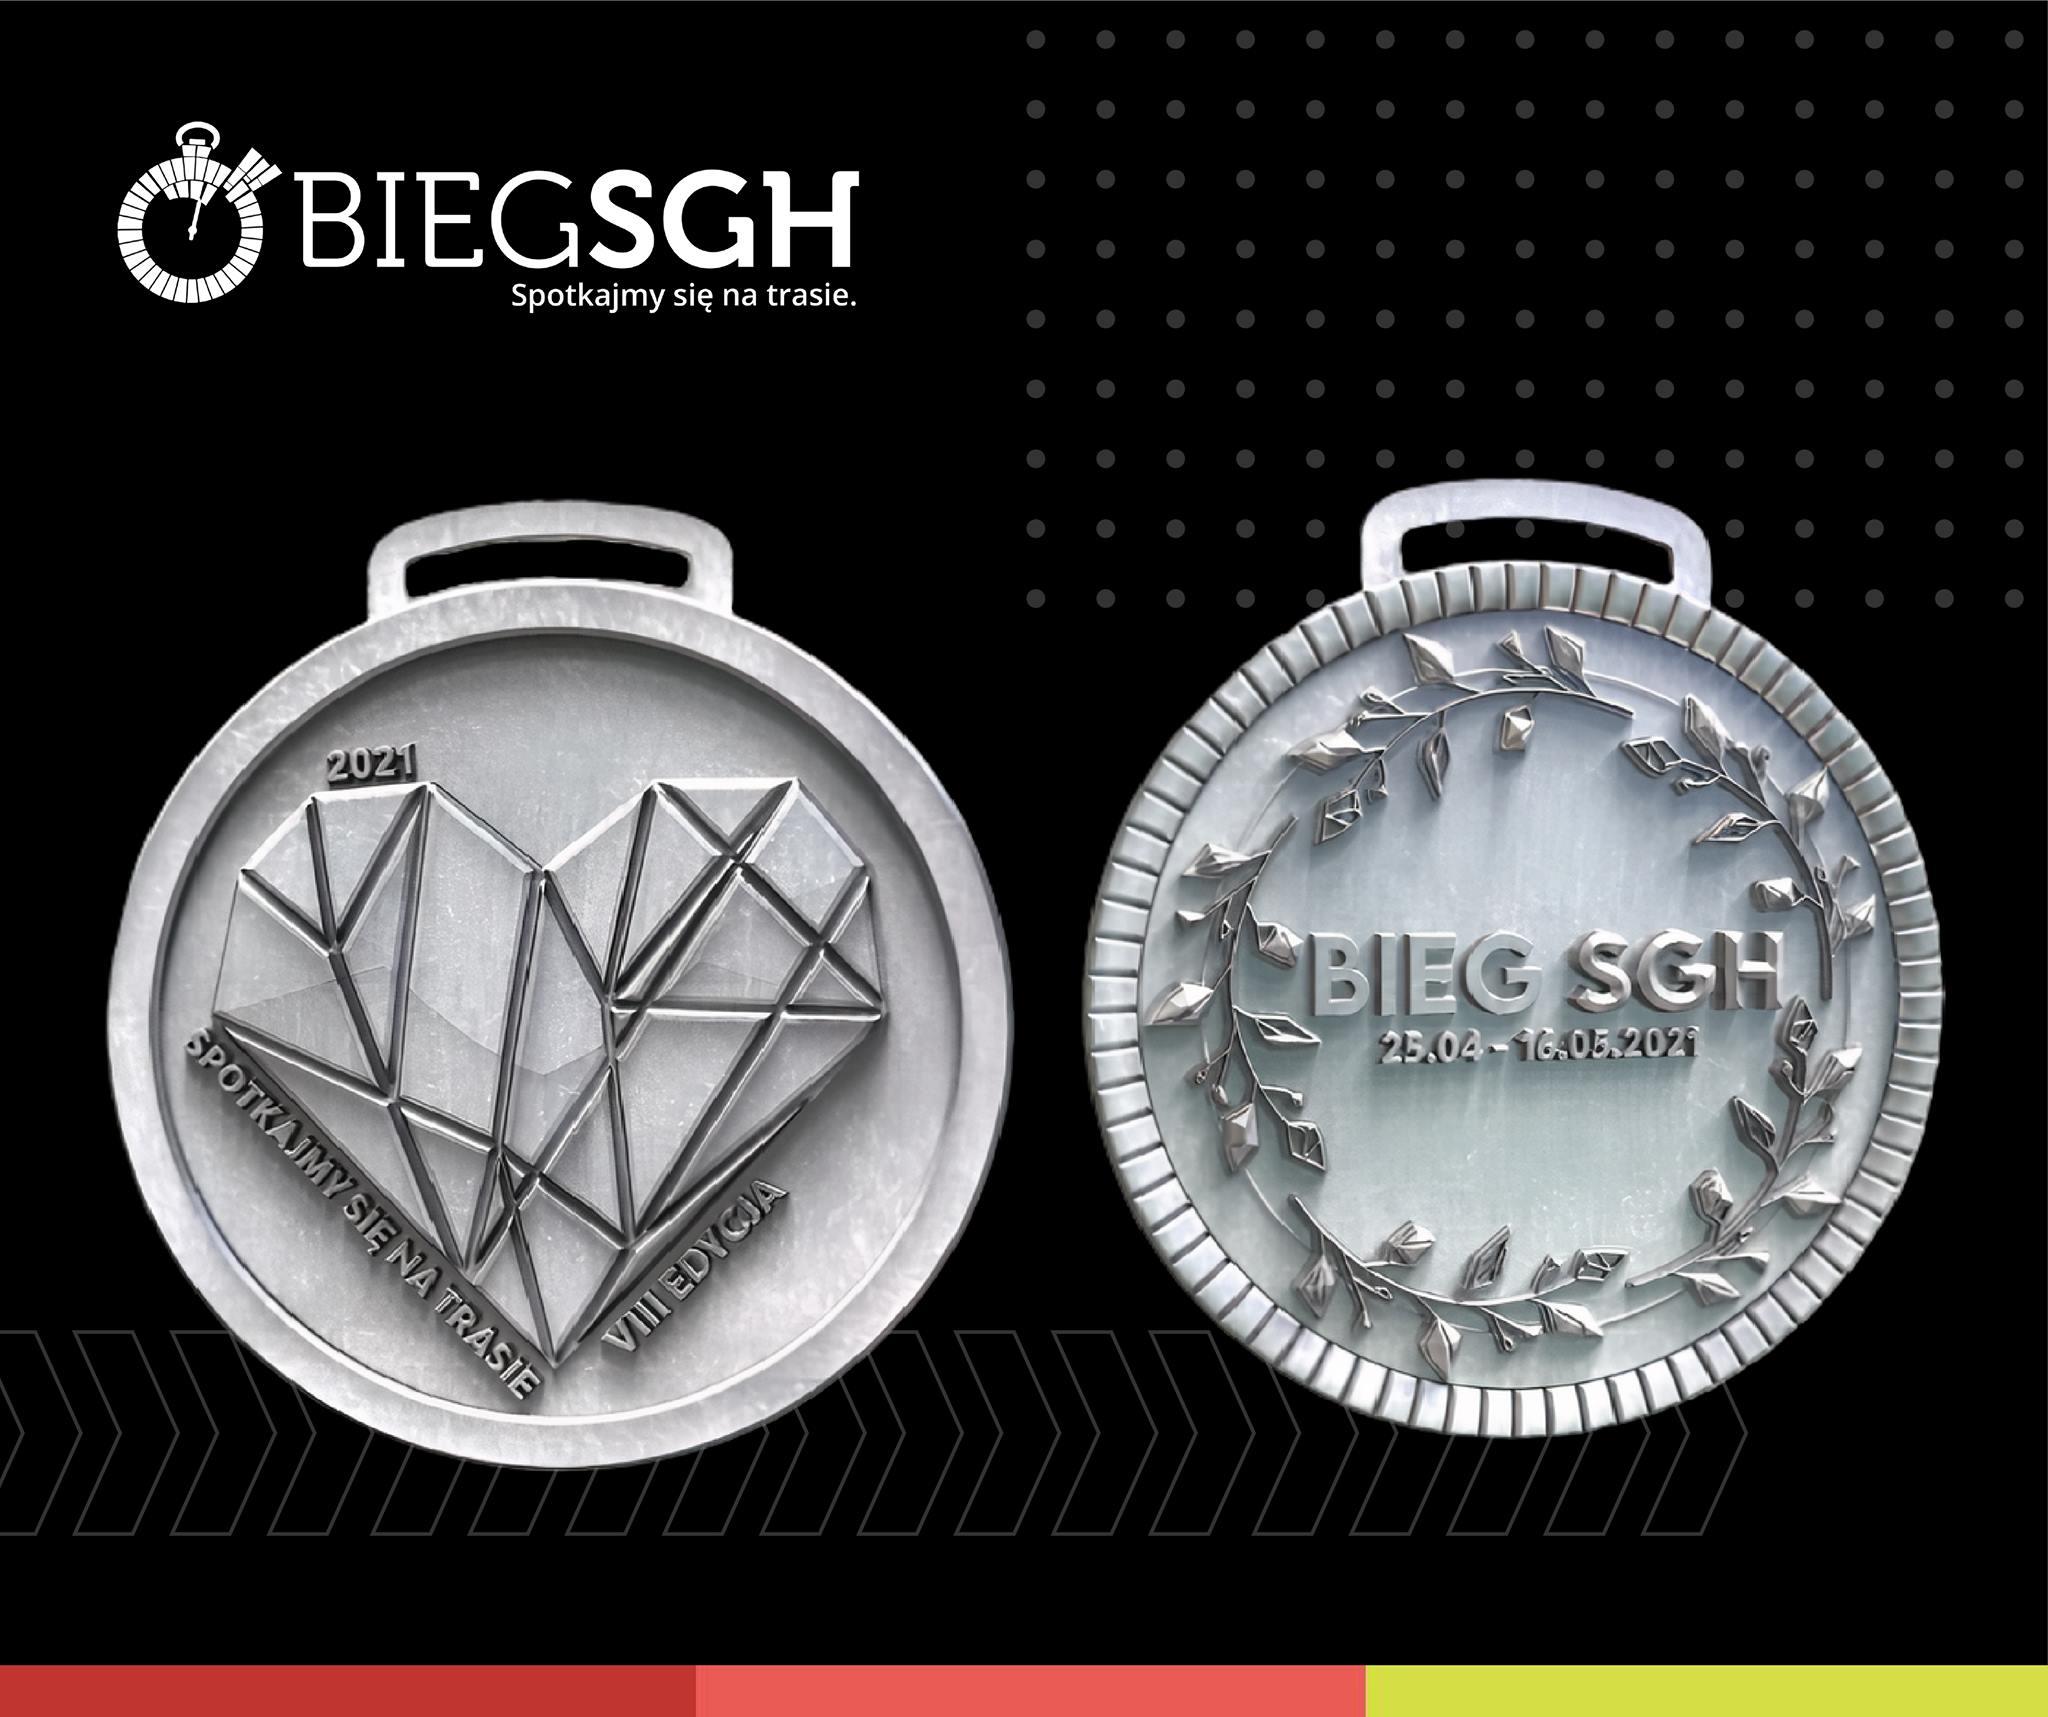 sgh medal